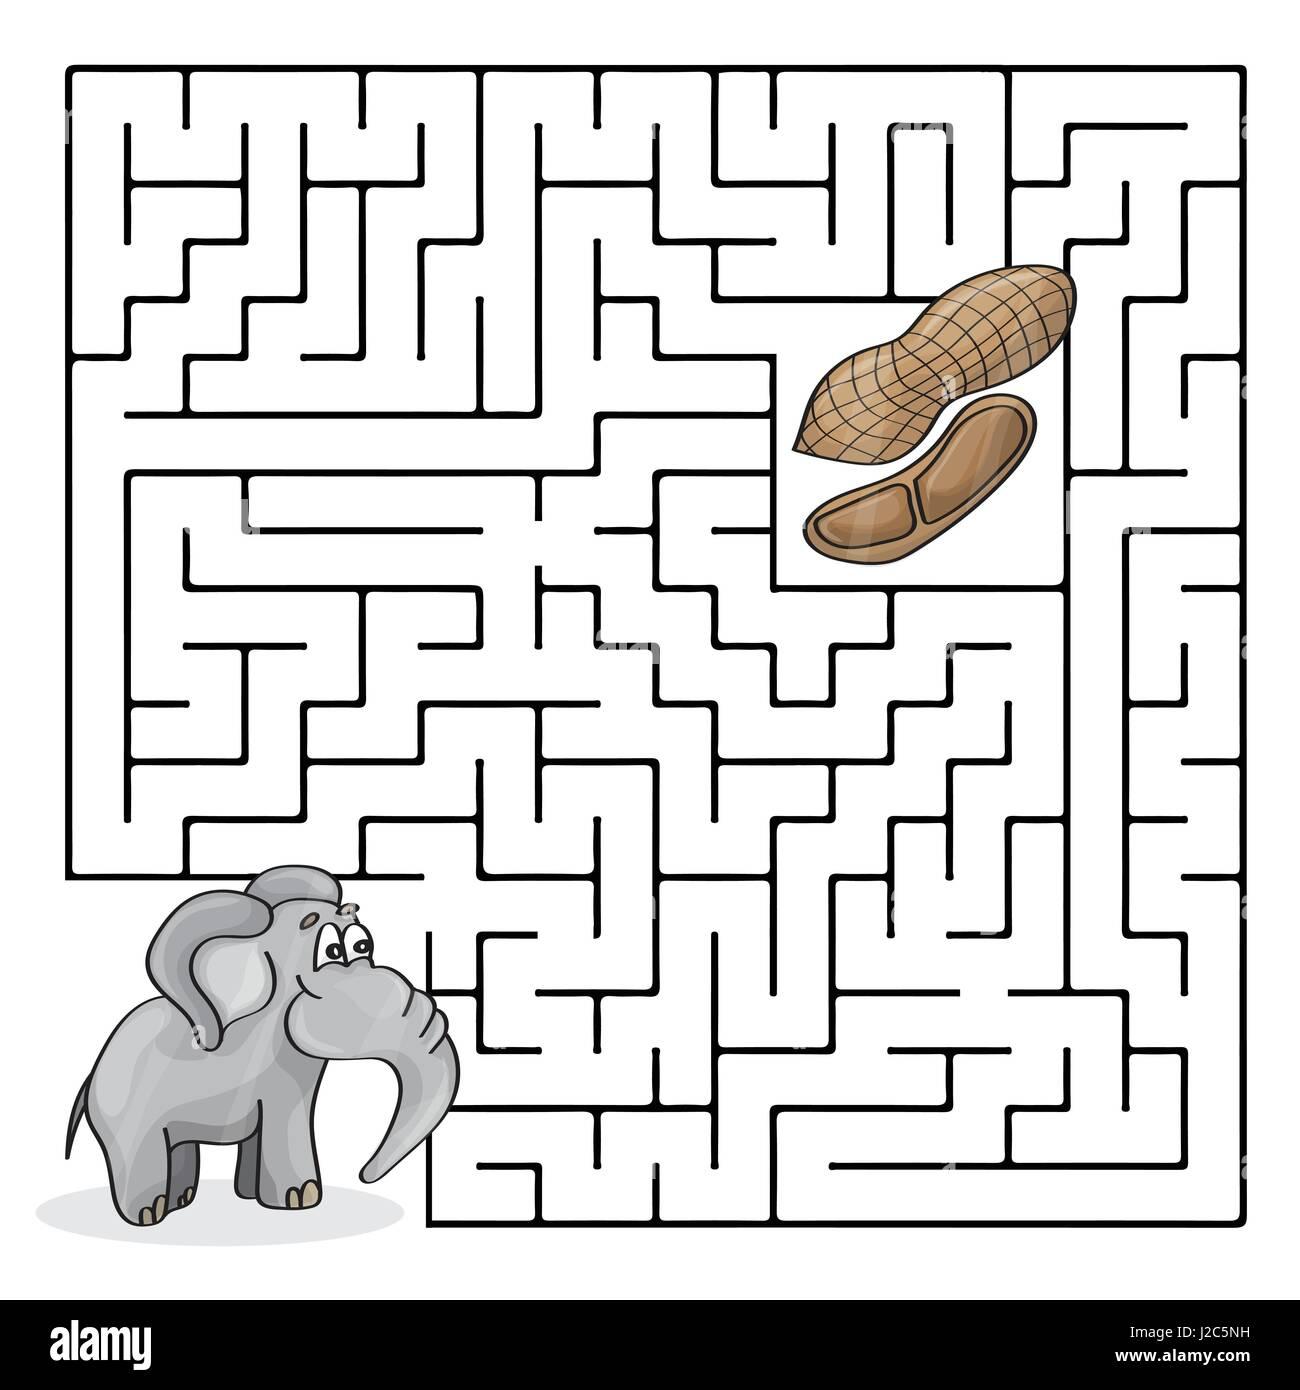 Juego Laberinto Laberinto O Educacion Para Ninos Con Lindo Elefante